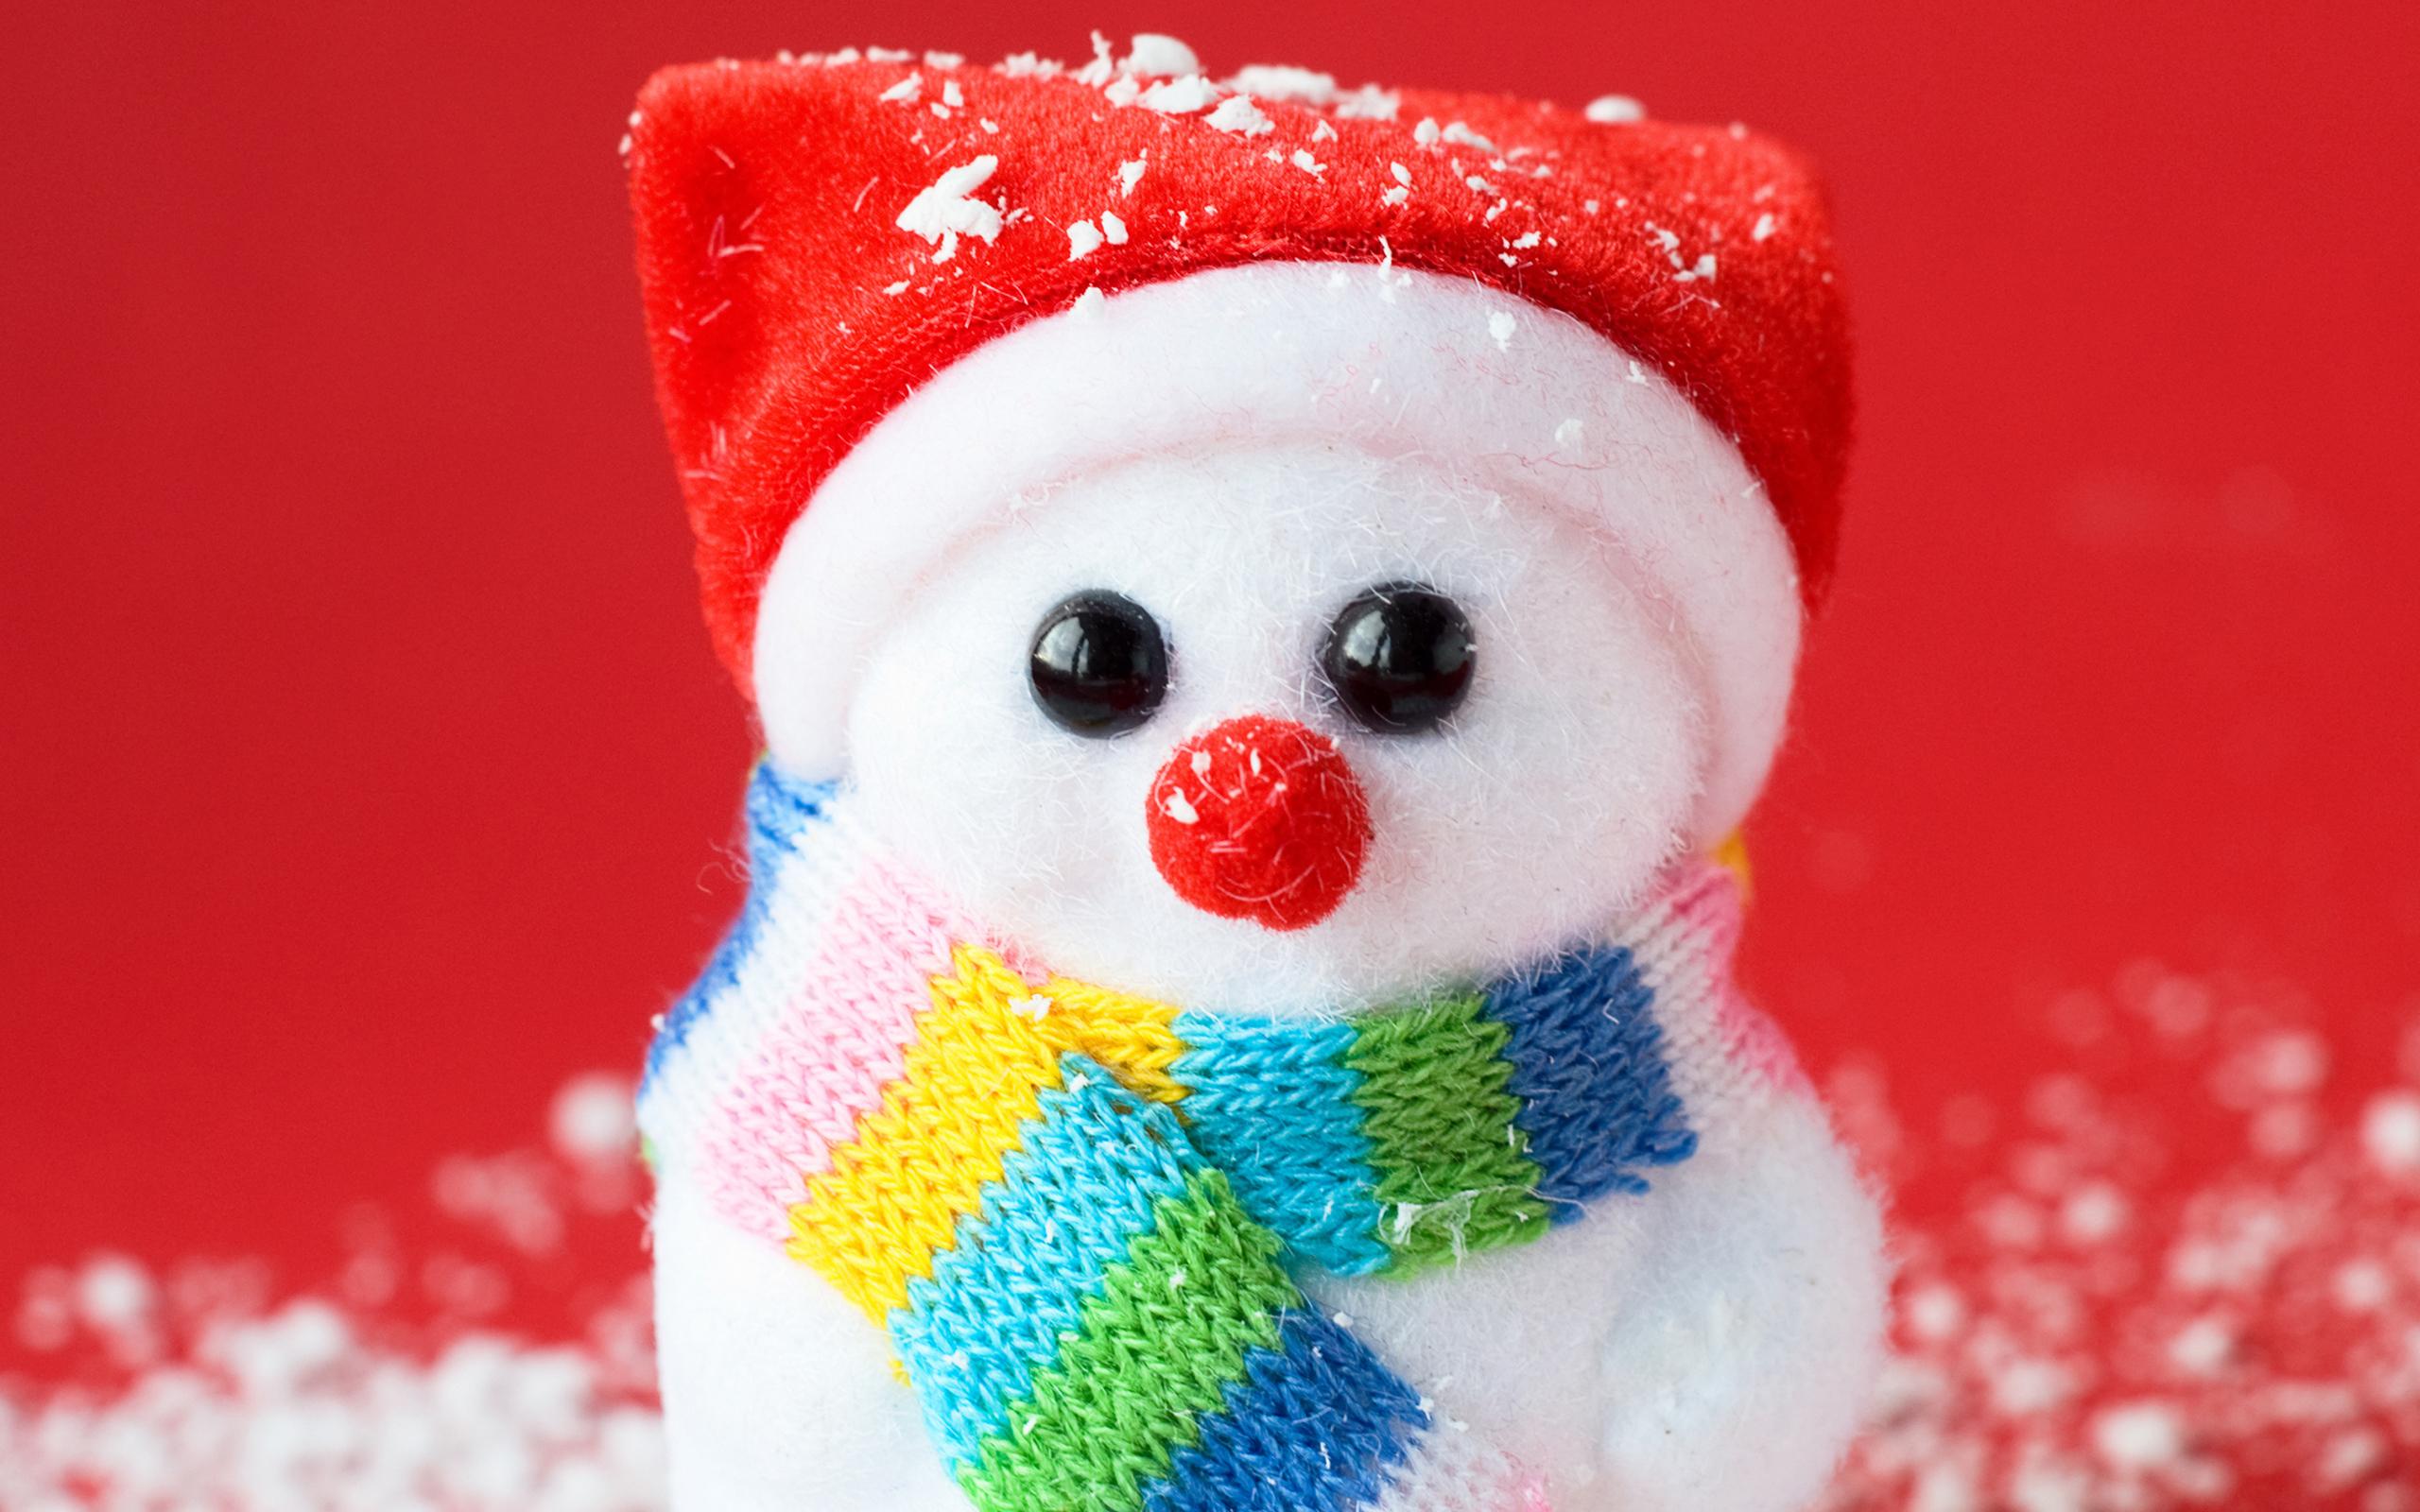 снеговик на аву картинки фотографировали подумали, что